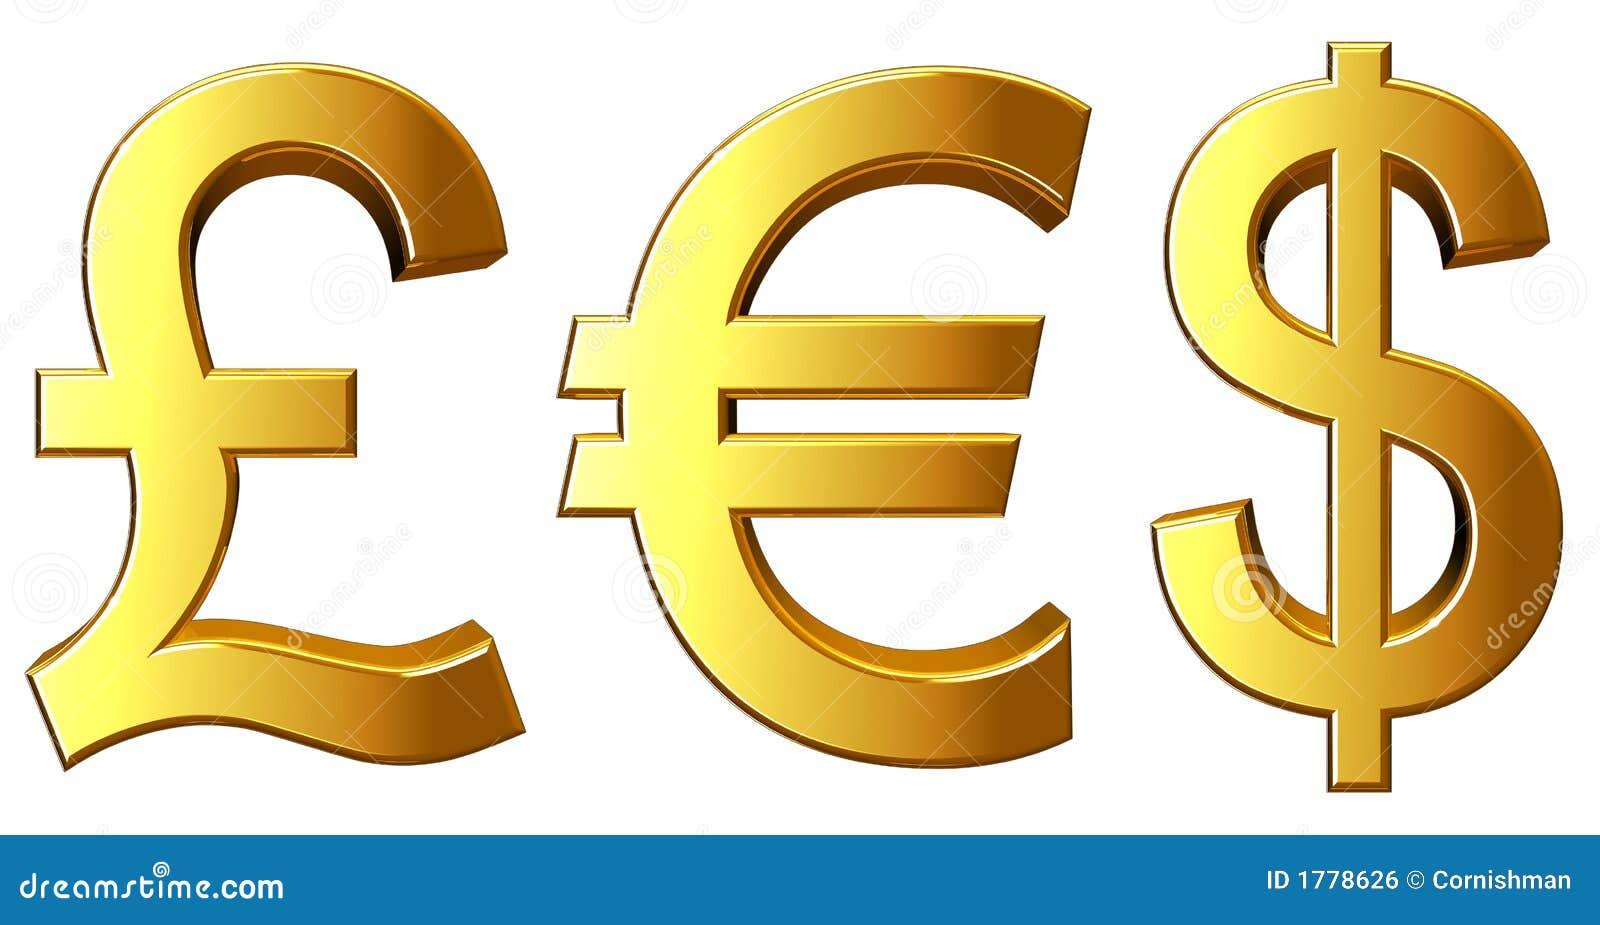 Money Symbols Royalty Free Stock Image - Image: 1778626Money Logo Symbols